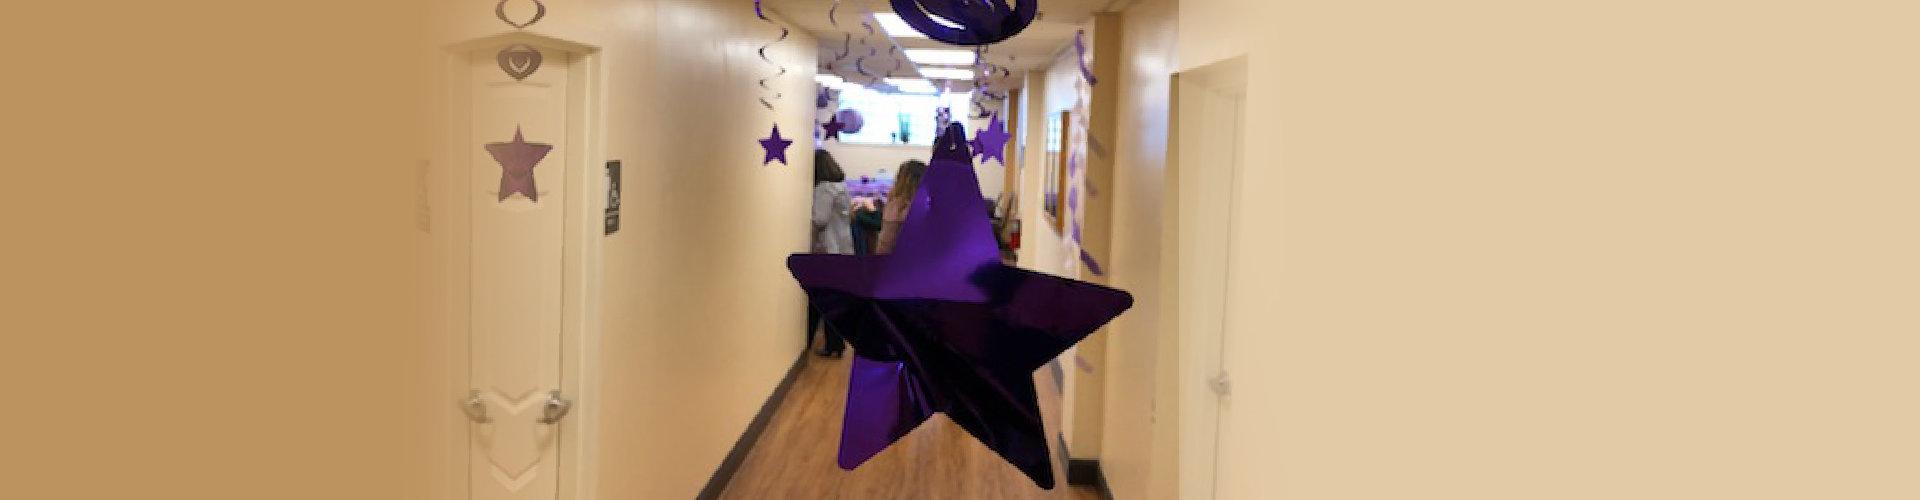 violet star hanging